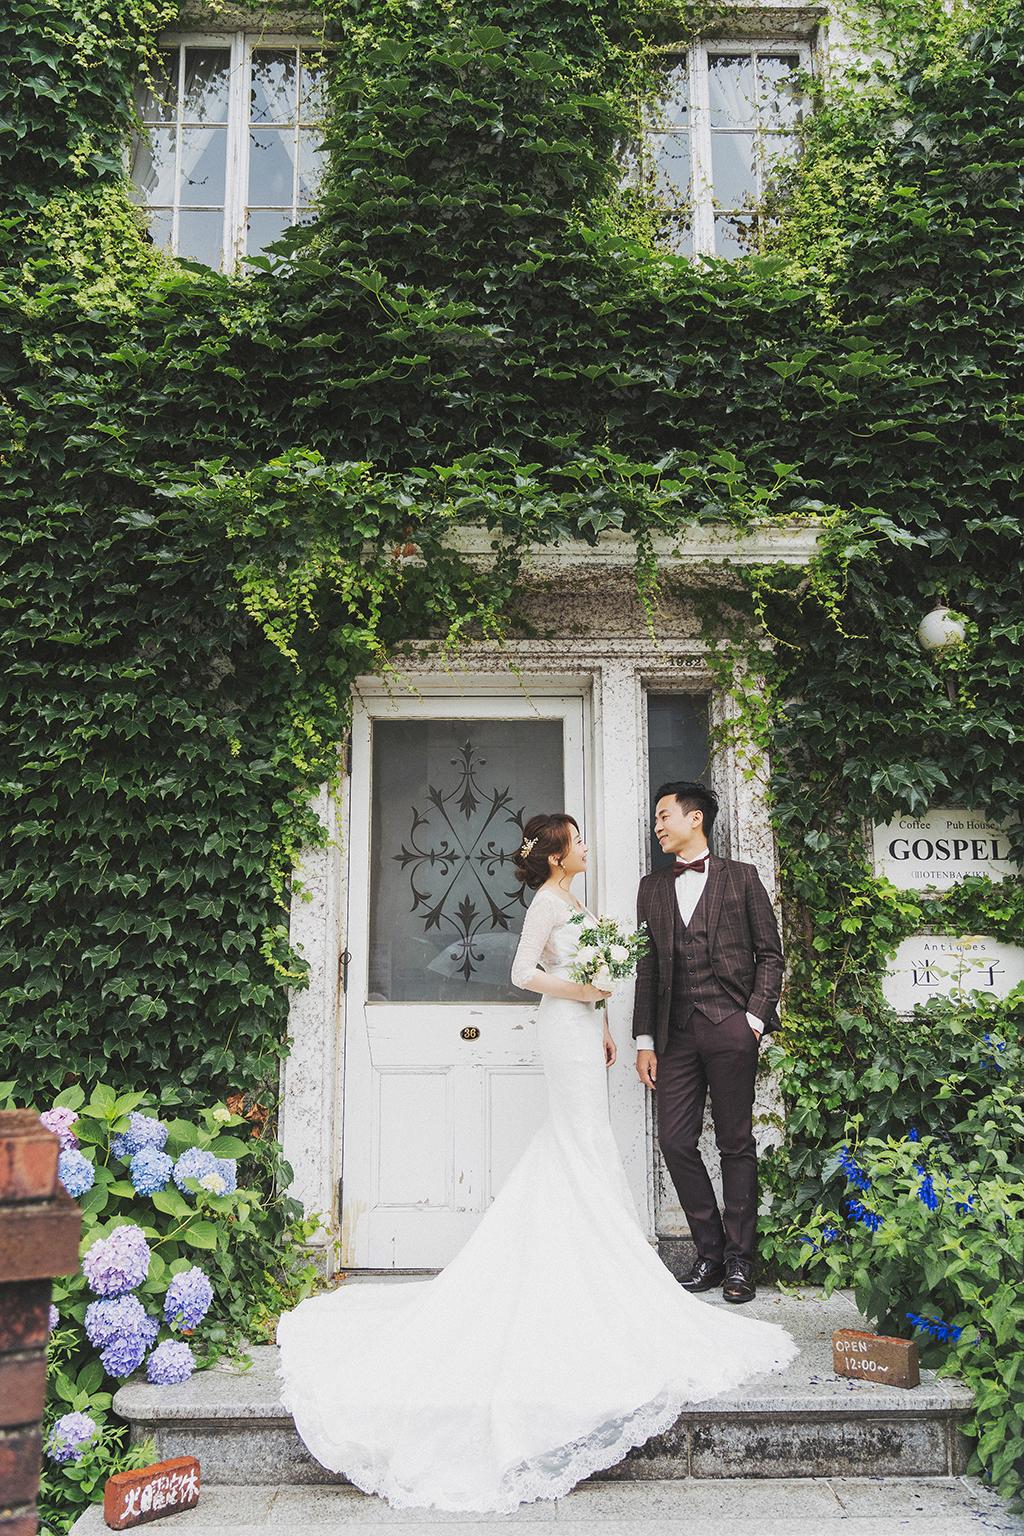 京都婚紗,京都,和服婚紗,PURE,海外婚紗,哲學之道